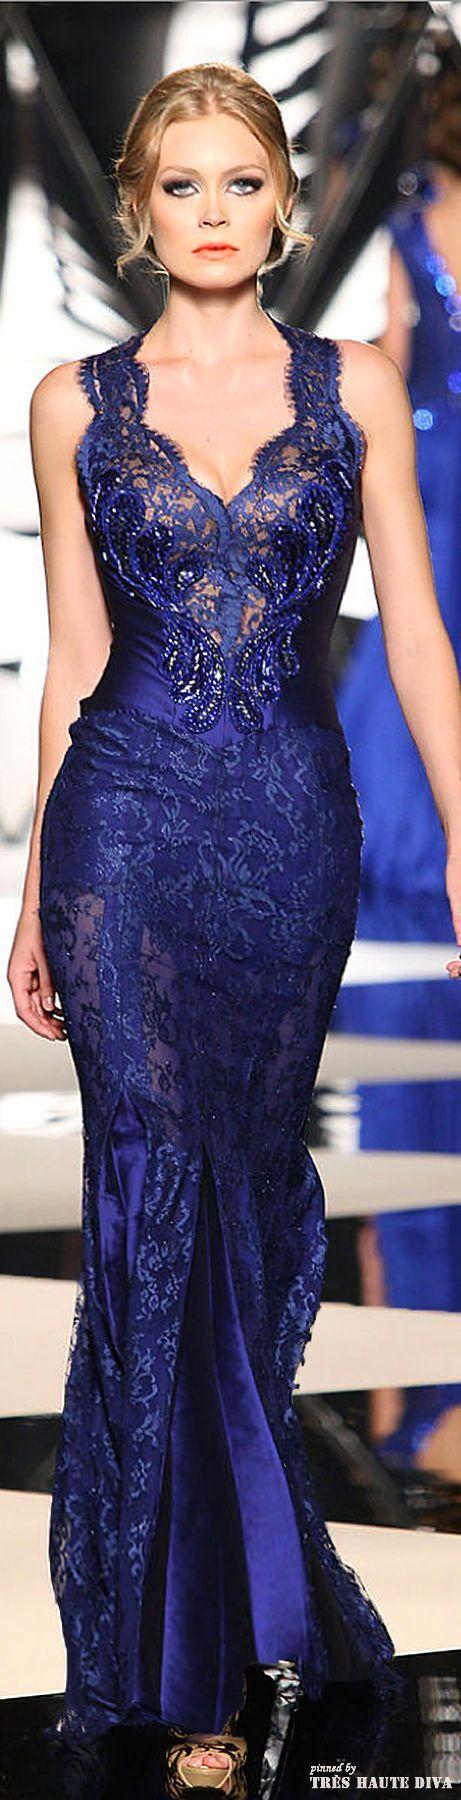 Vestidos de fiesta azul para mujer